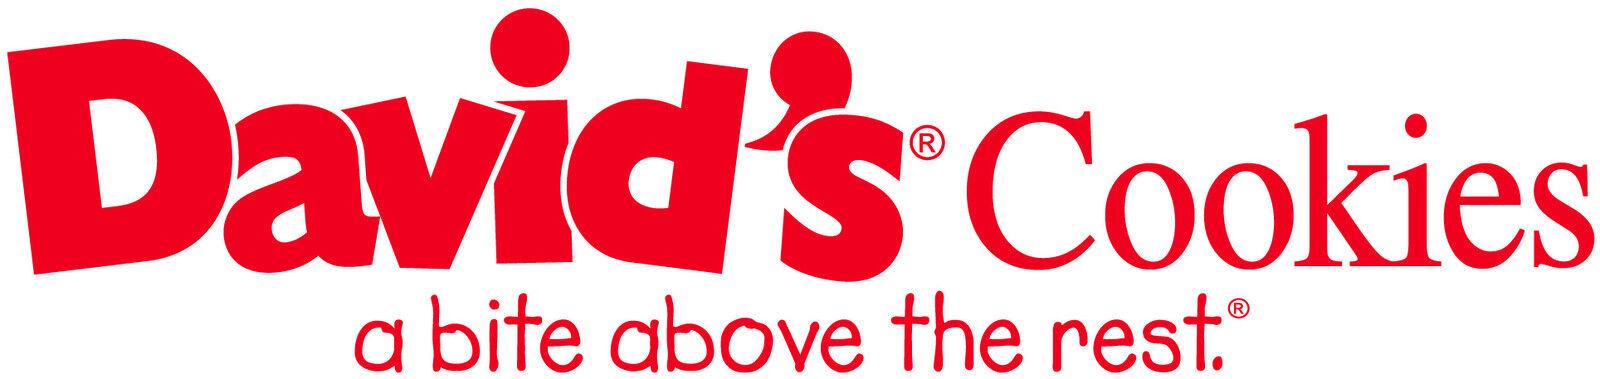 Davids Cookies Store